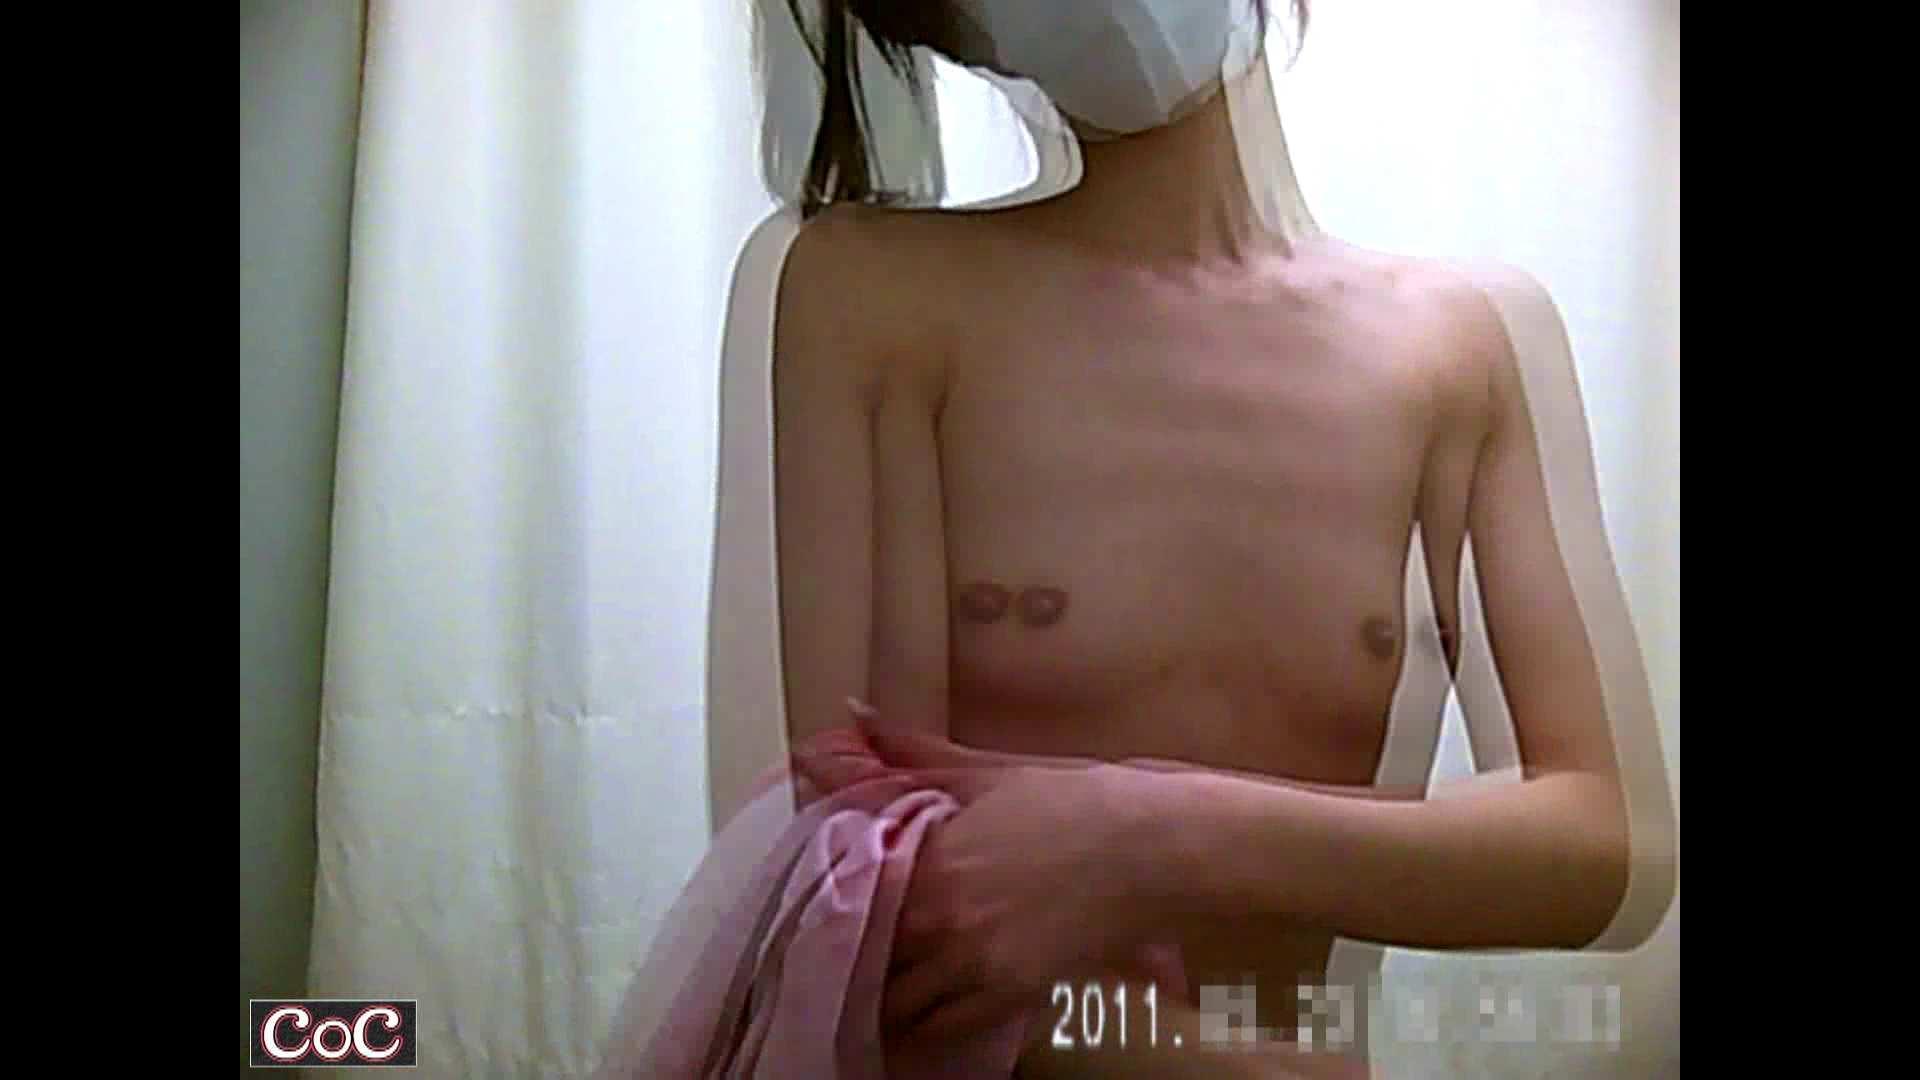 元医者による反抗 更衣室地獄絵巻 vol.171 OL  106pic 49